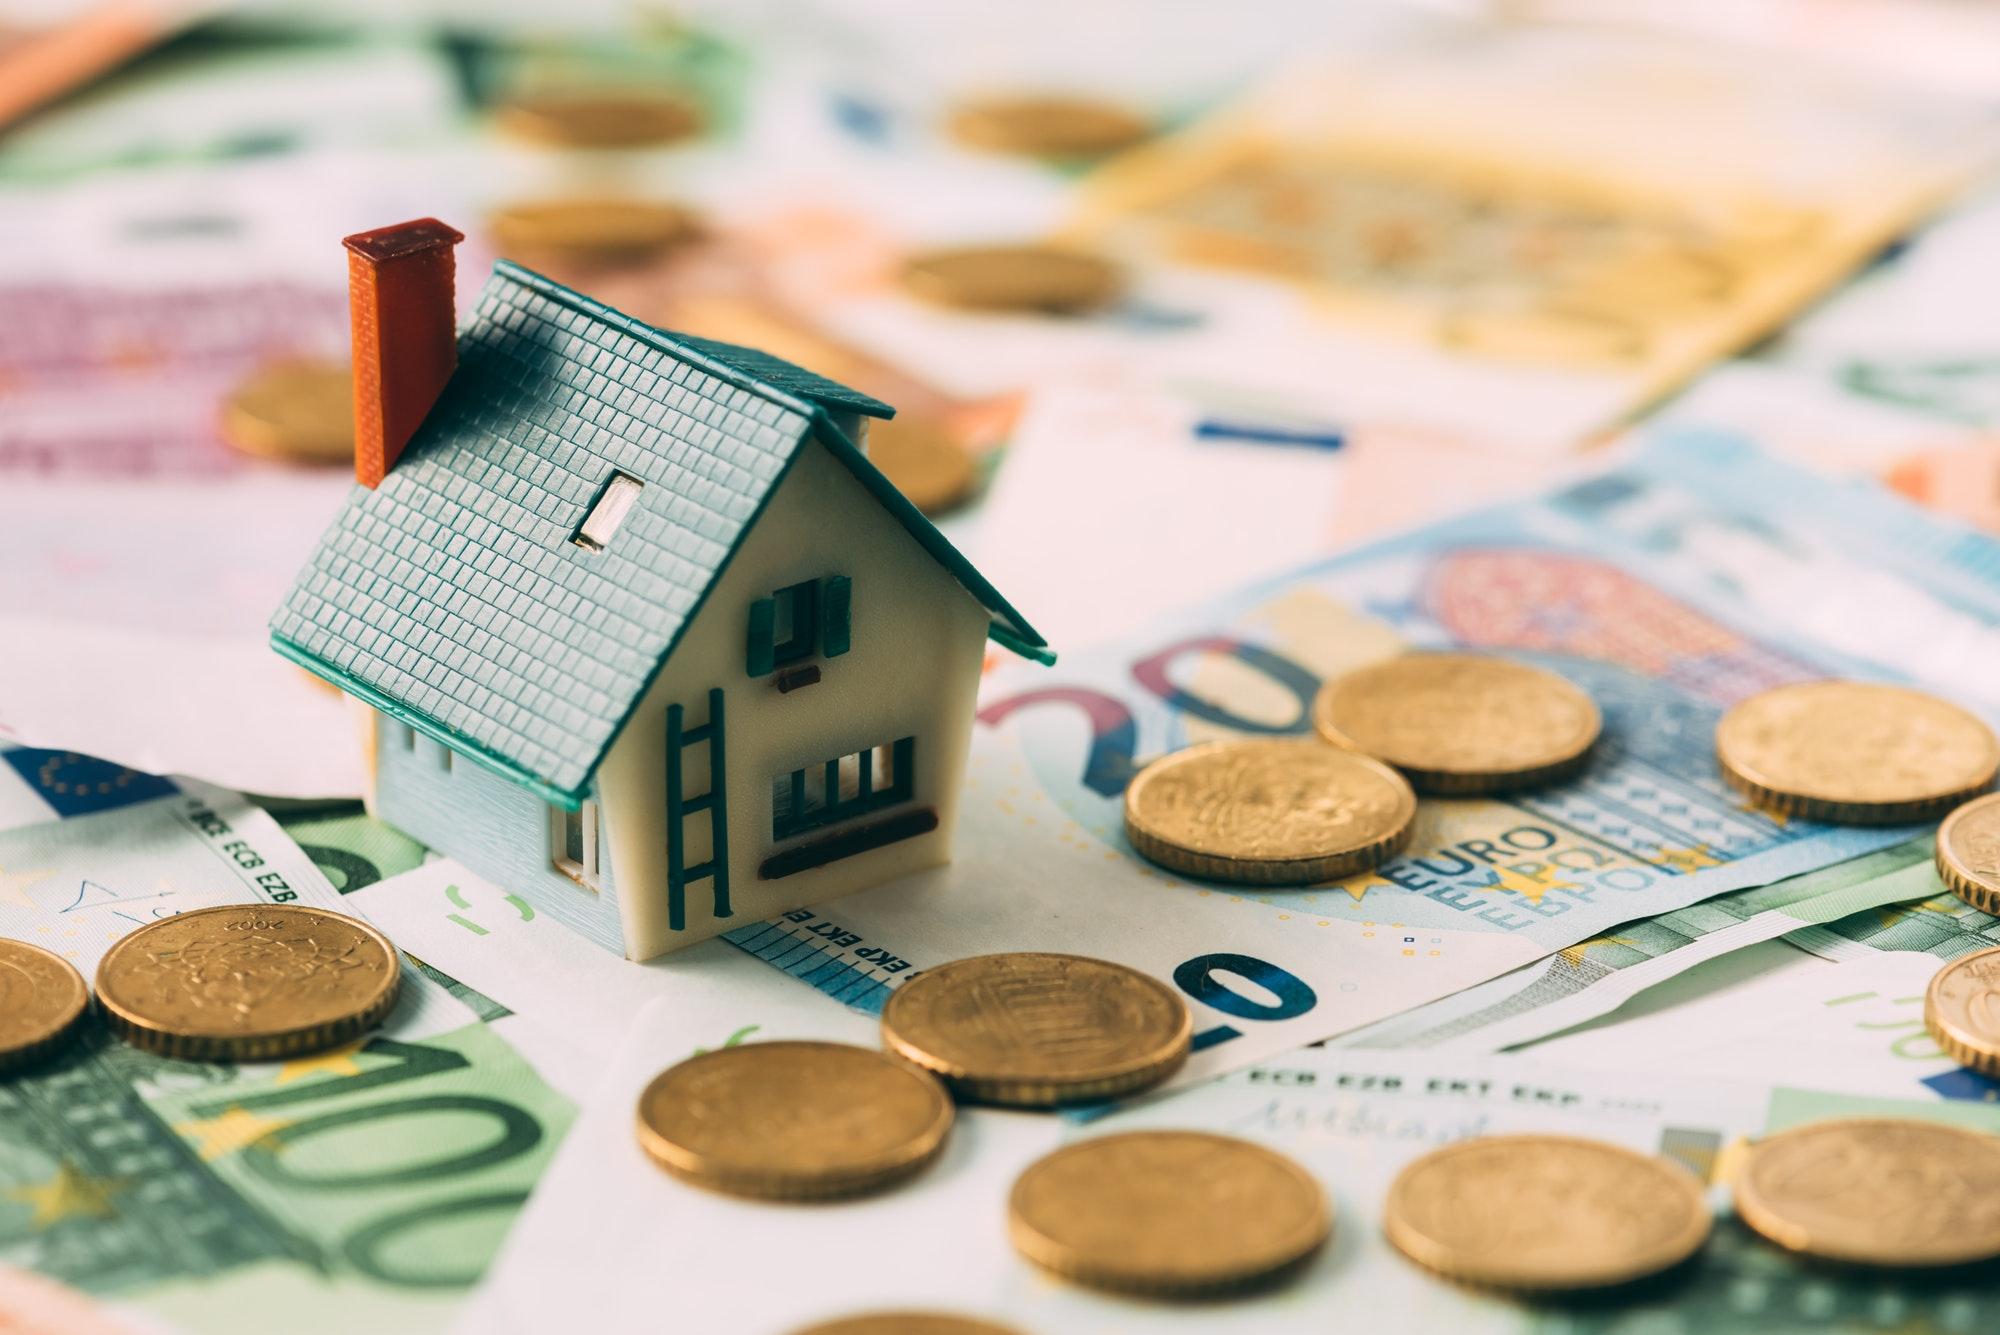 Immobilienfinanzierung mit einem alten Bausparvertrag